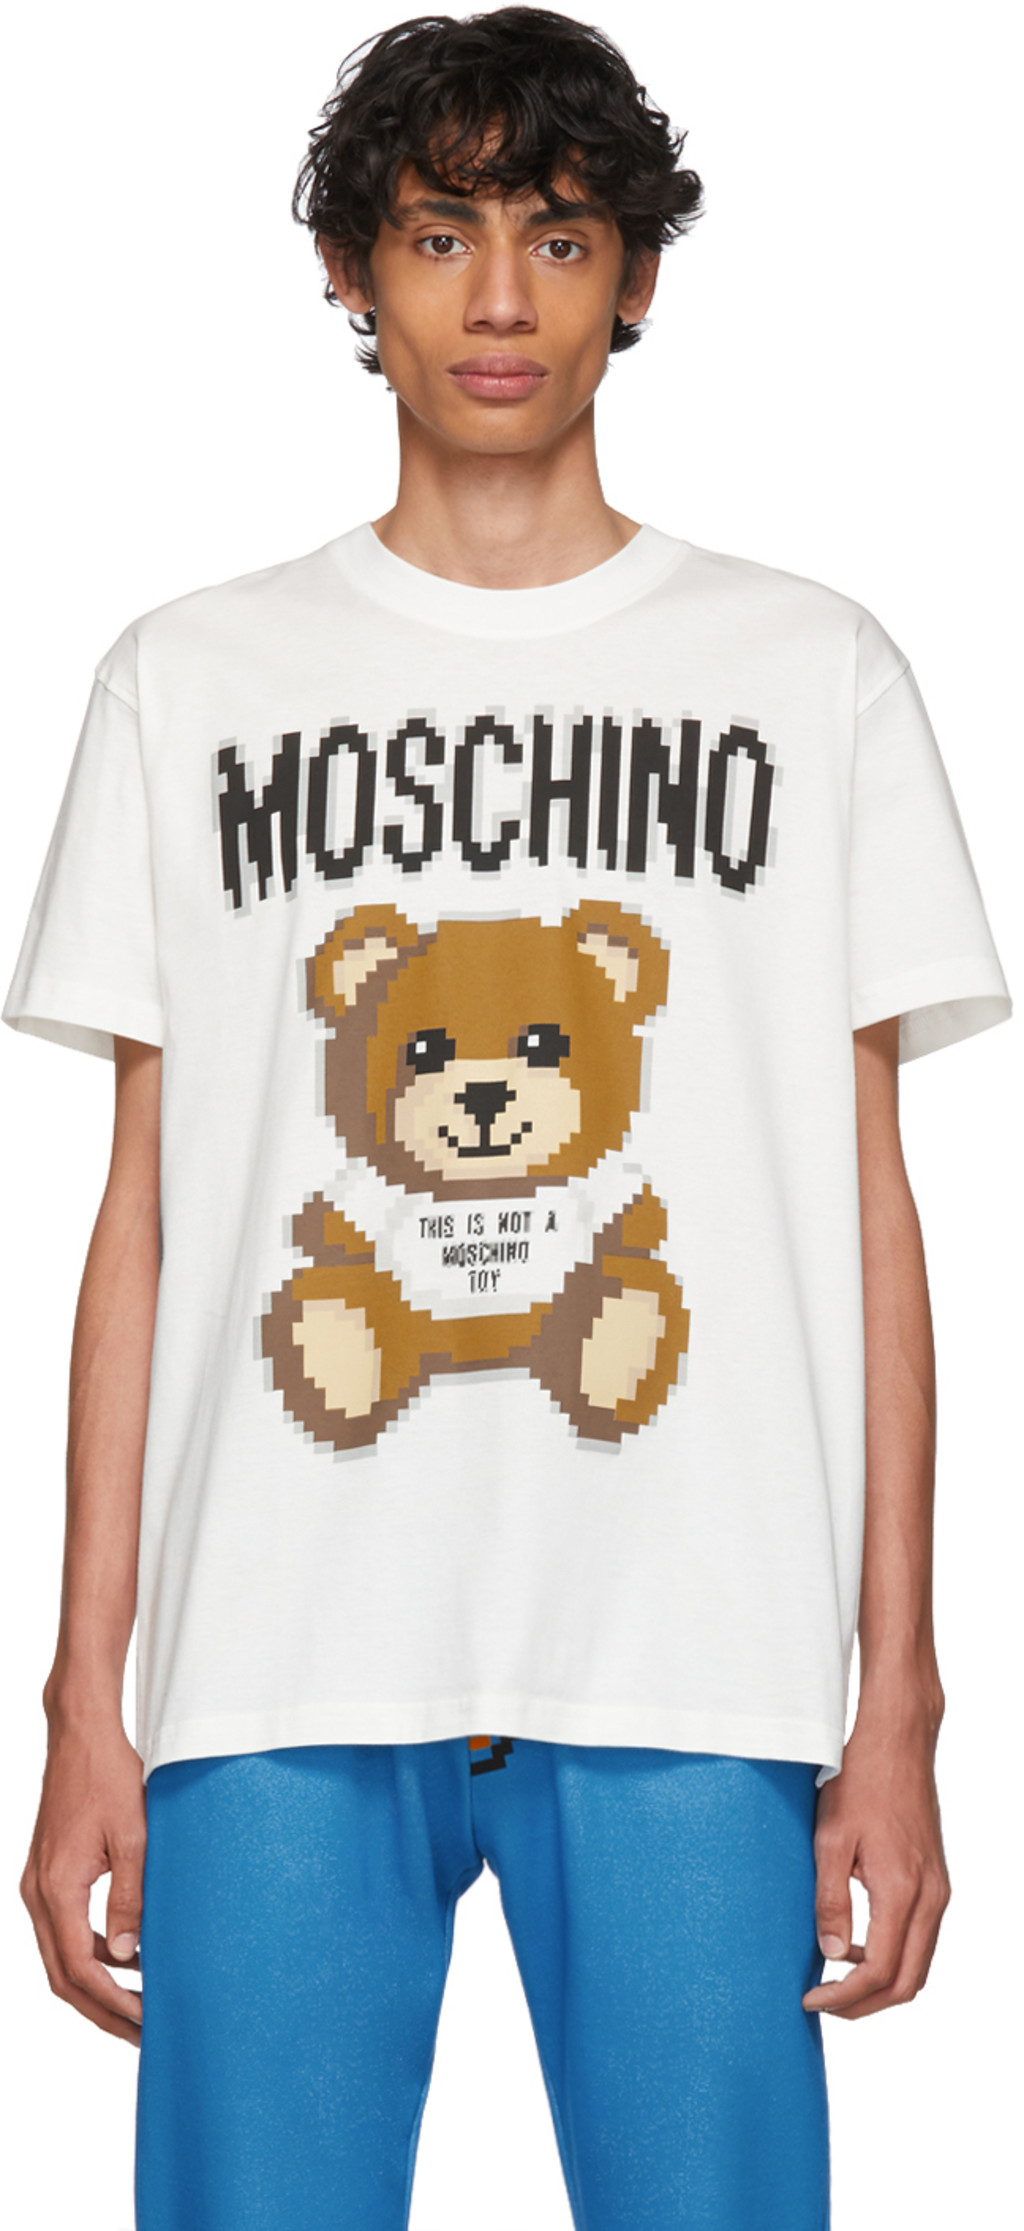 603f0072ba1ab4 Designer t-shirts for Men